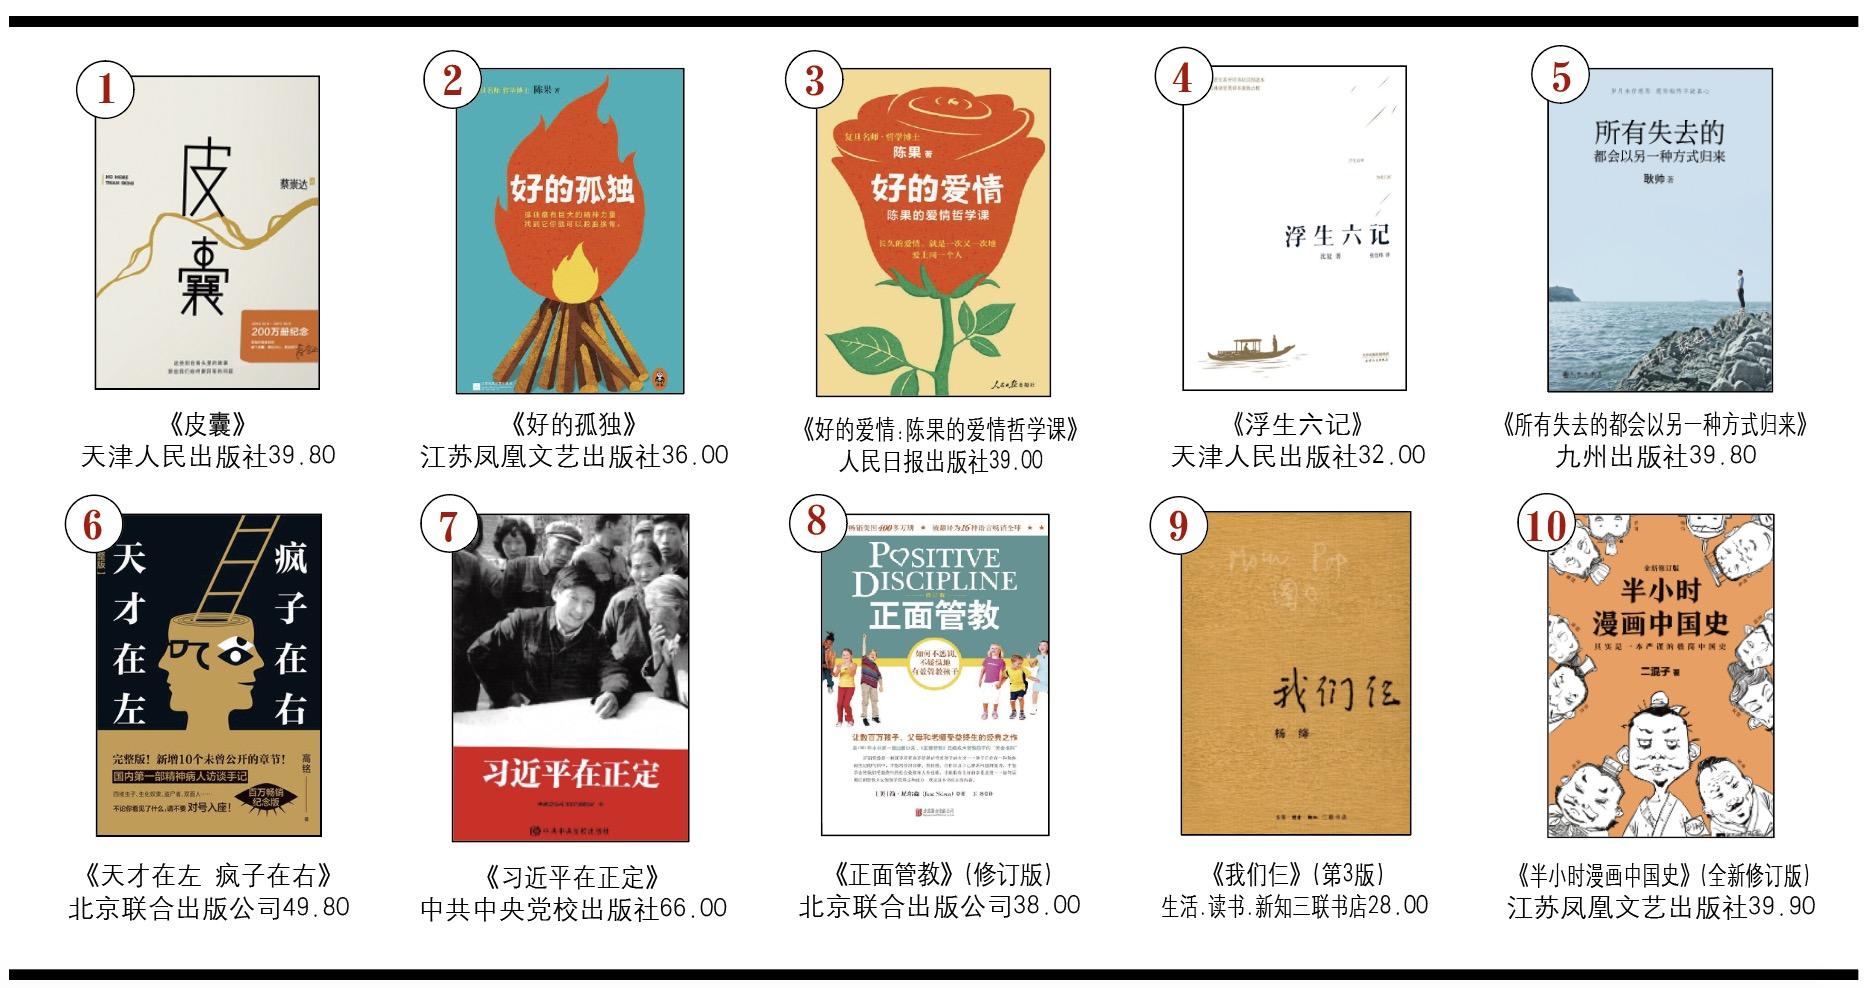 开卷非虚构畅销书排行榜(2019年3月)-出版人杂志官网